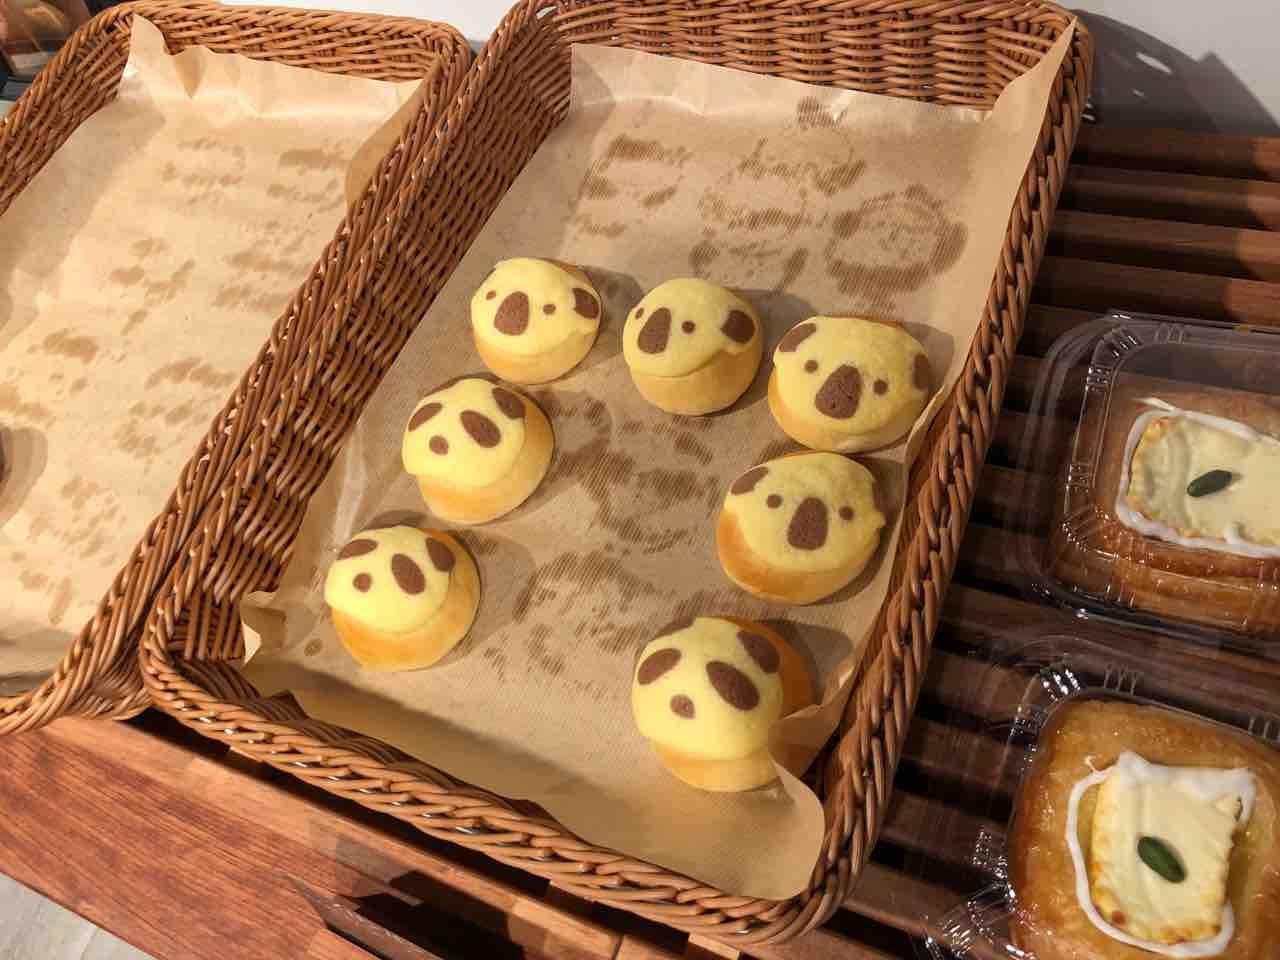 『good bakery 伊せ屋』パンダやコアラのパン